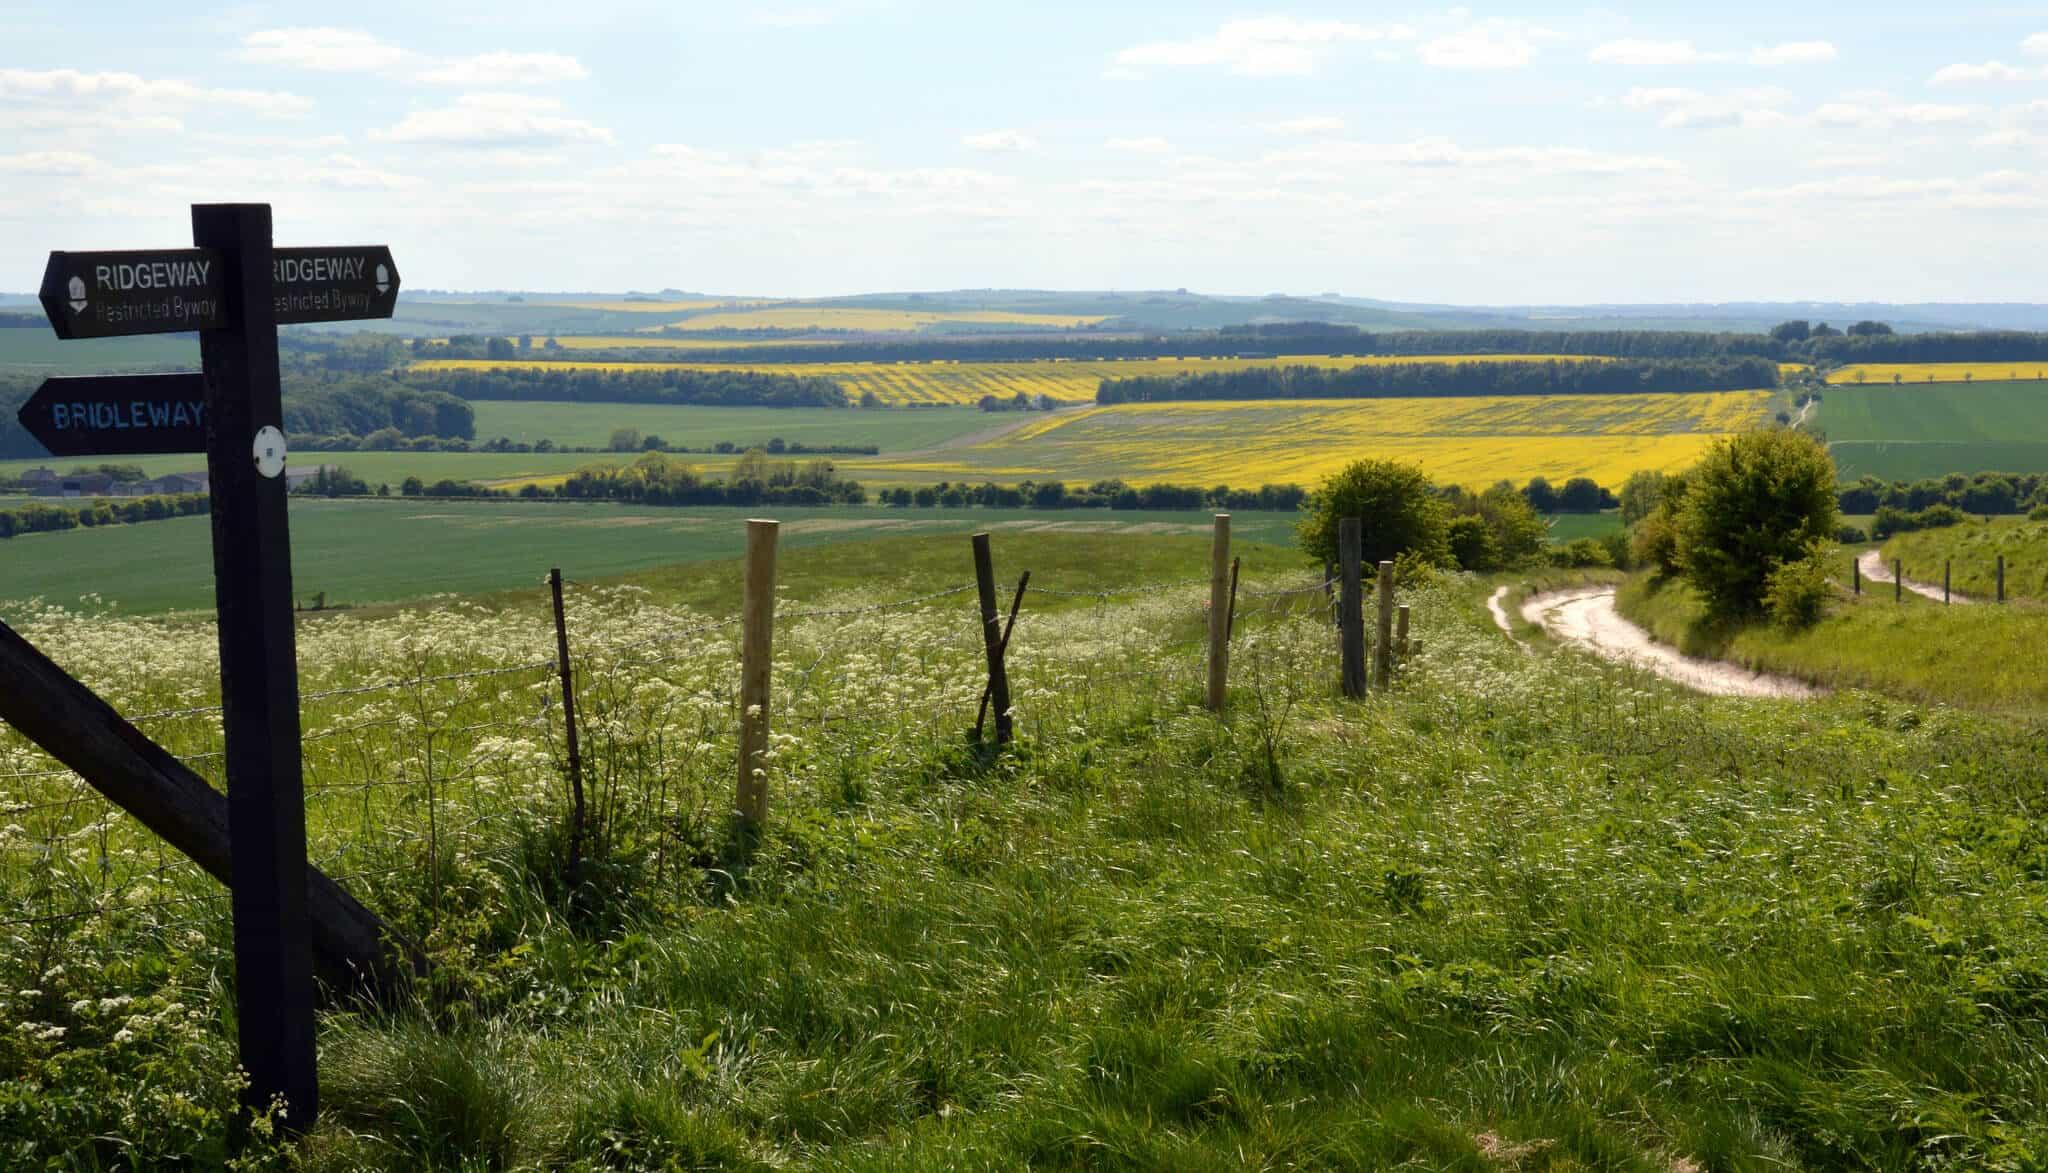 Hiking The Ridgeway